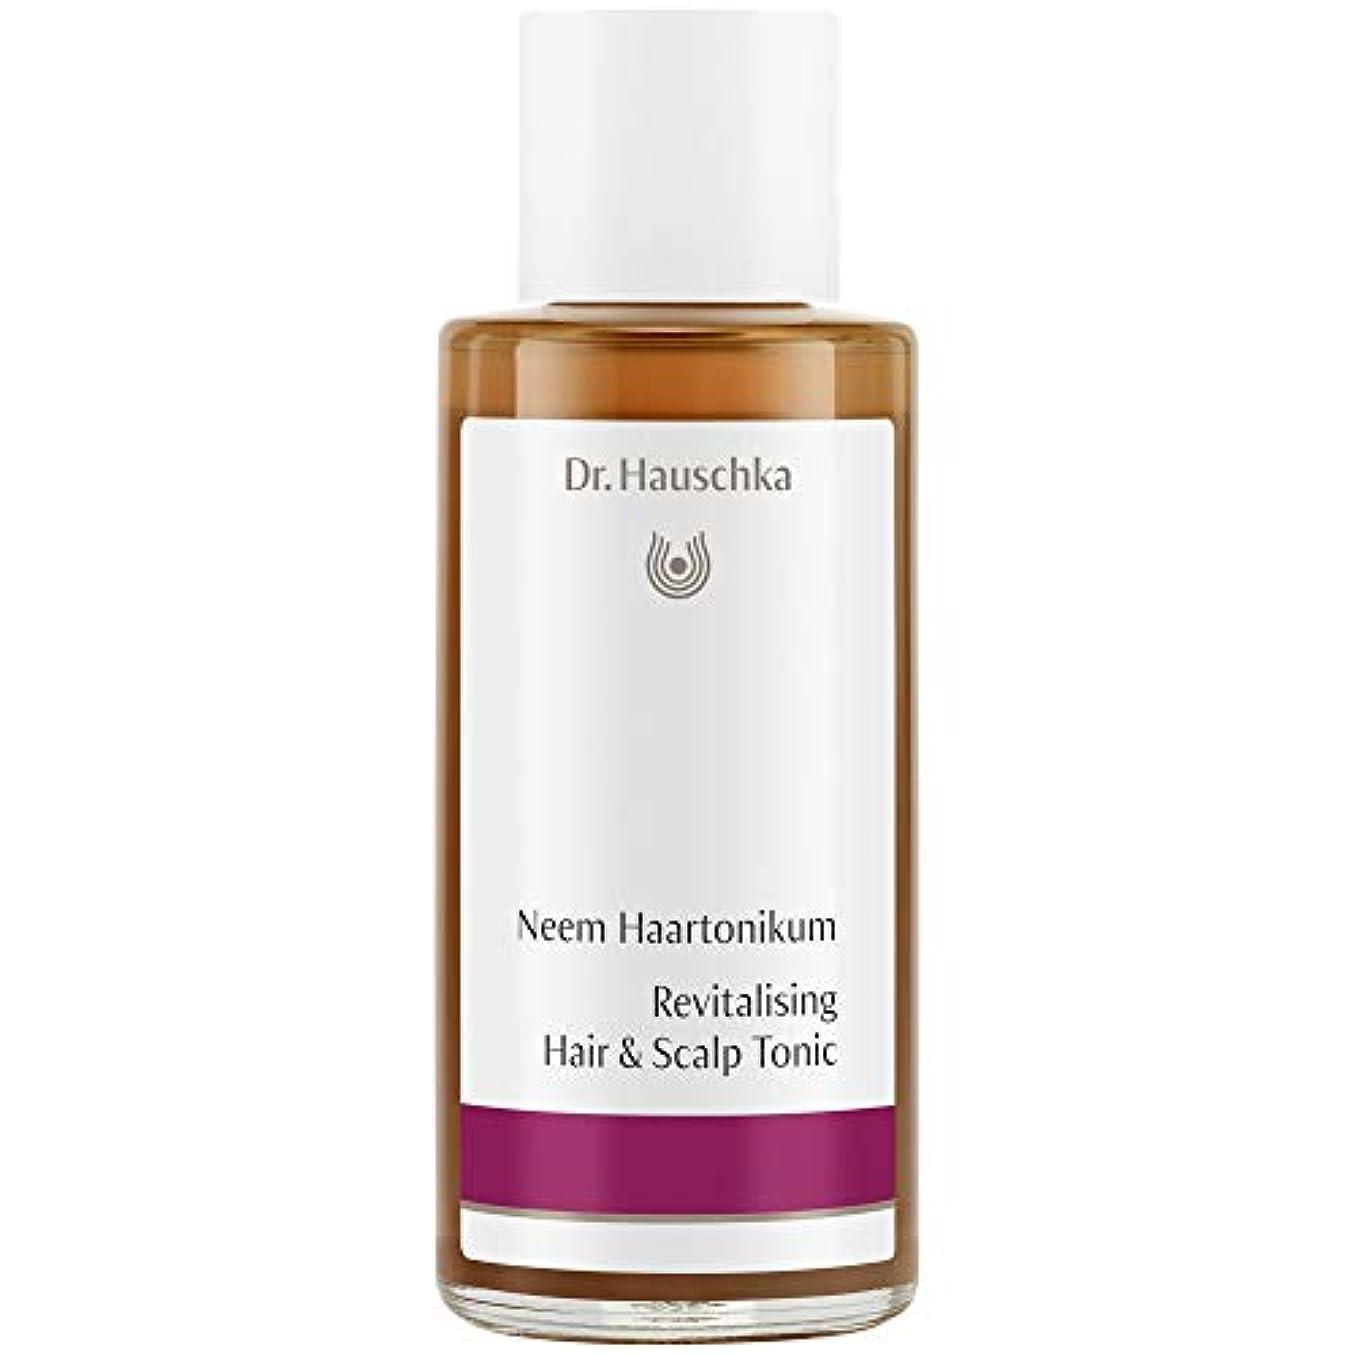 振動する理想的ブラウズ[Dr Hauschka] Drハウシュカニームヘアローション100ミリリットル - Dr Hauschka Neem Hair Lotion 100ml [並行輸入品]